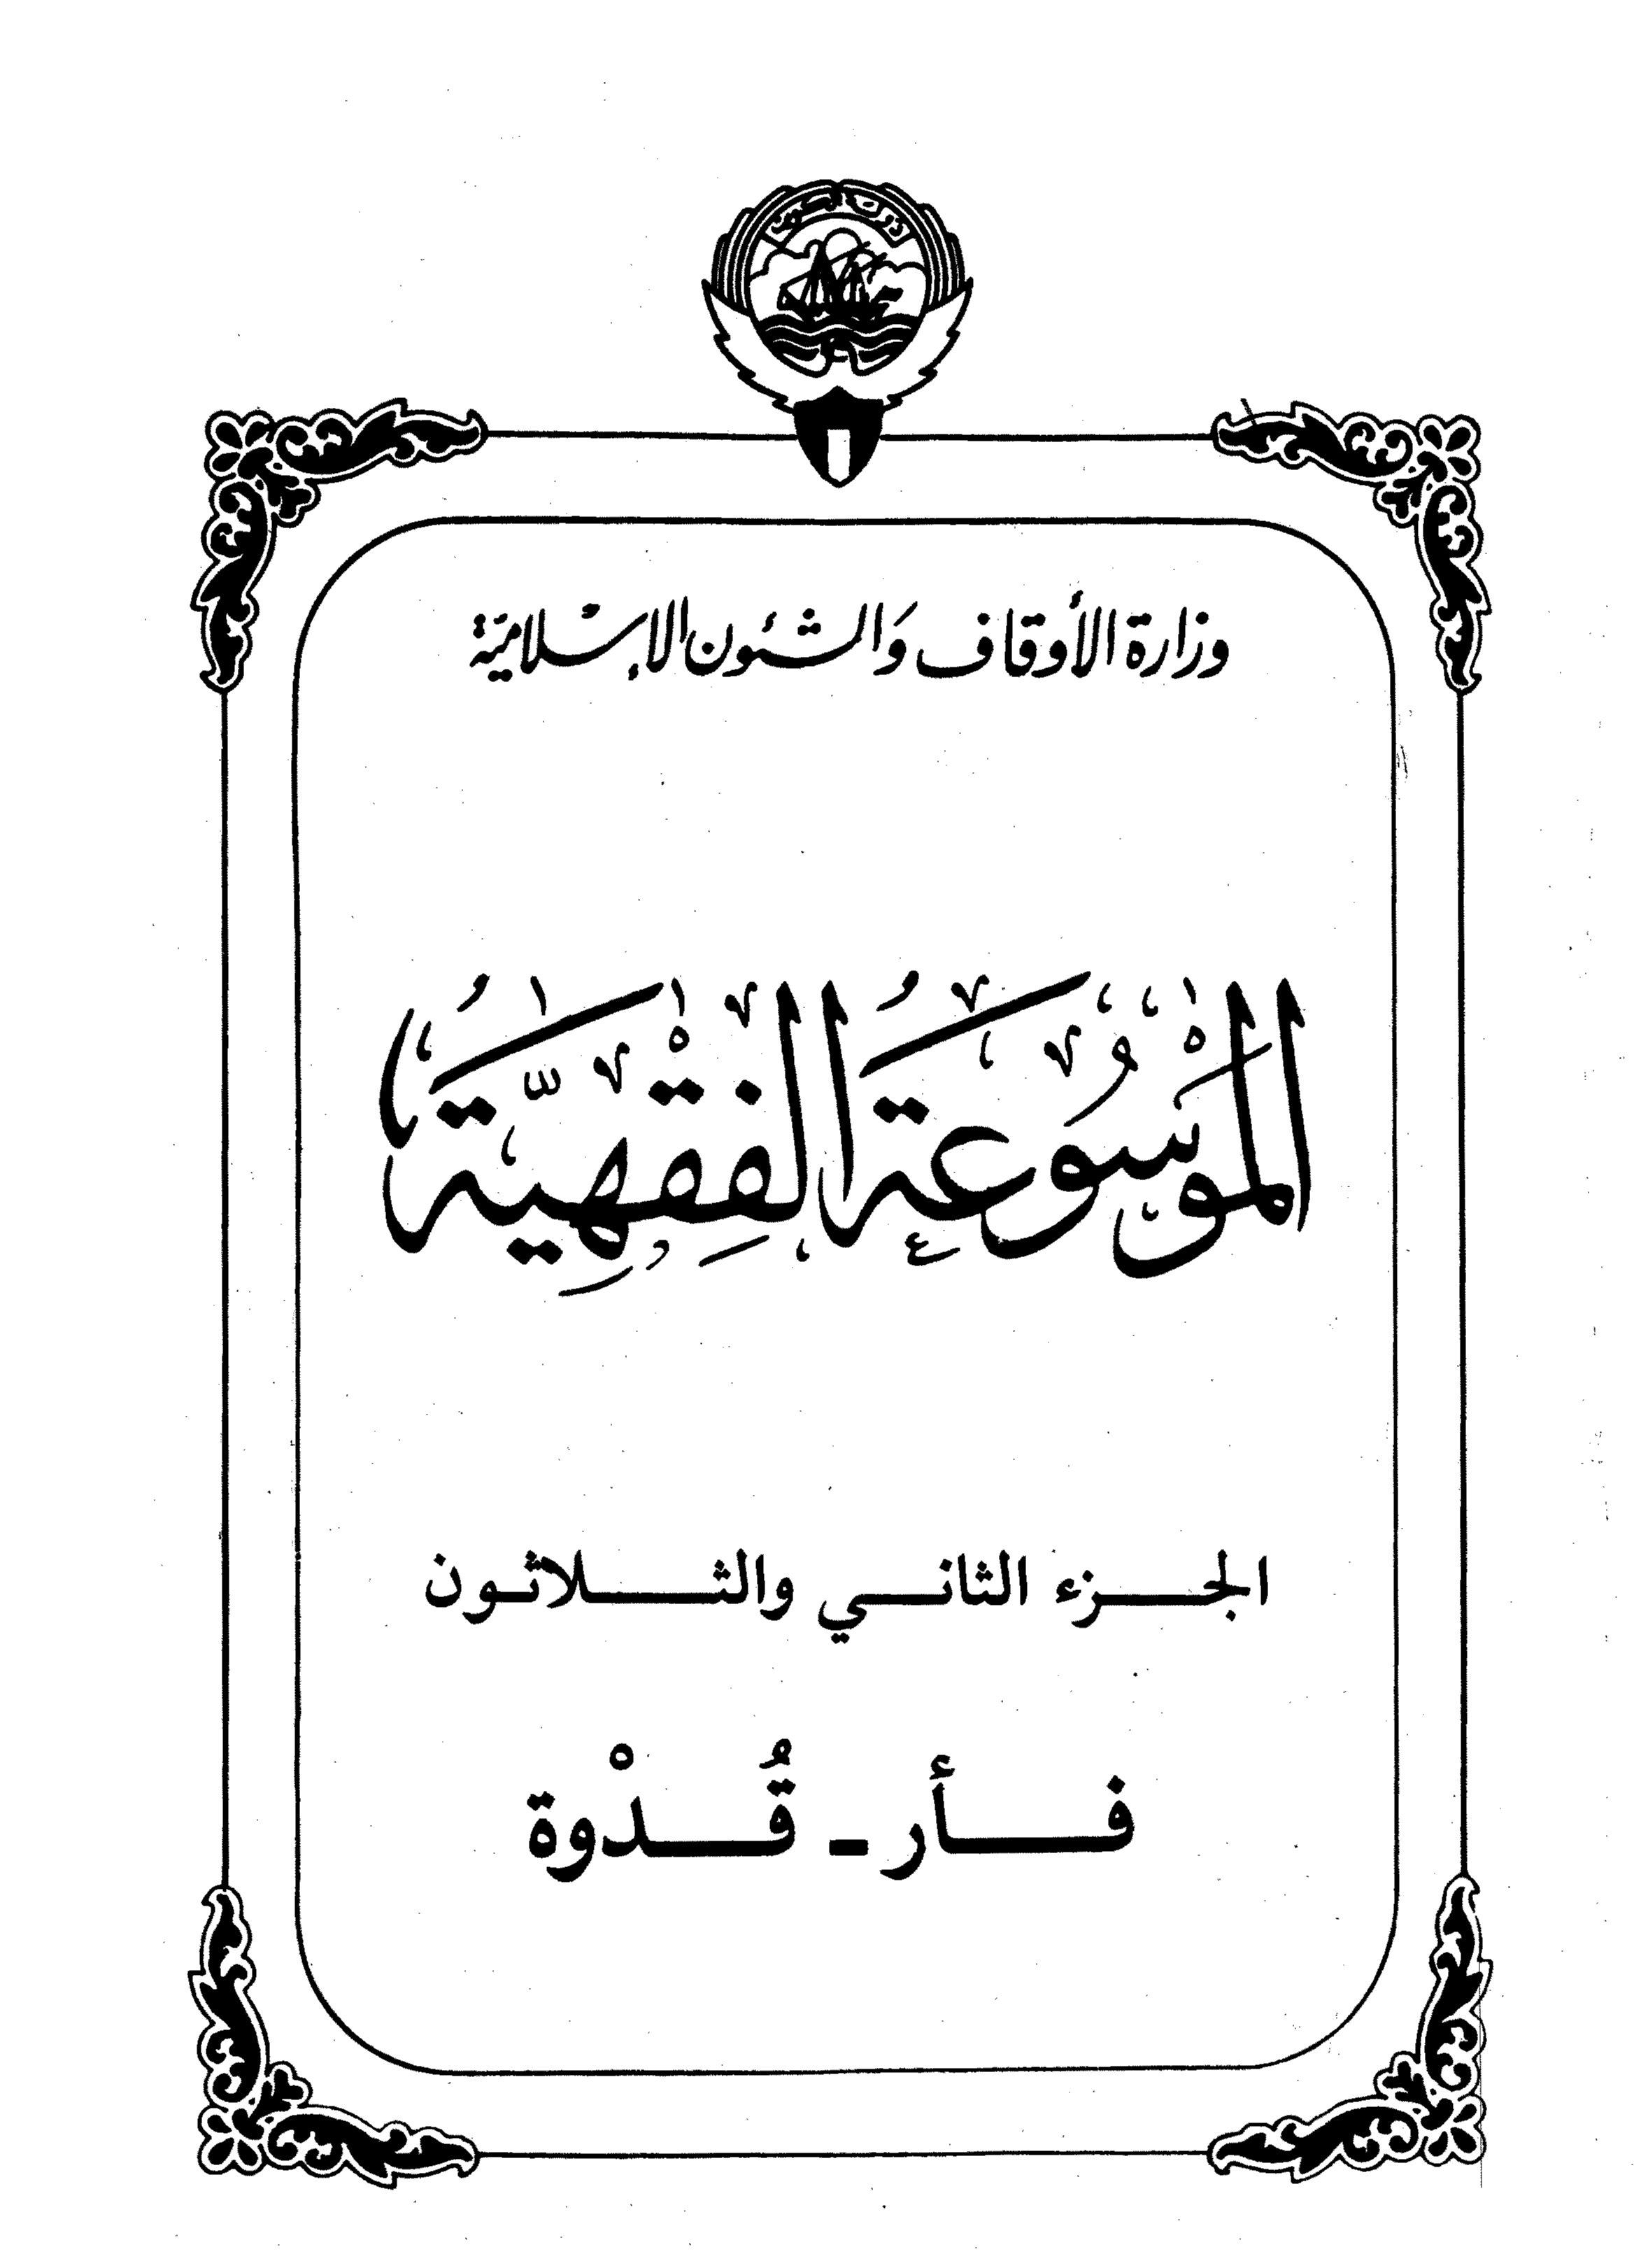 الموسوعة الفقهية الكويتية- الجزء الثاني والثلاثون (فأر – قدوة)